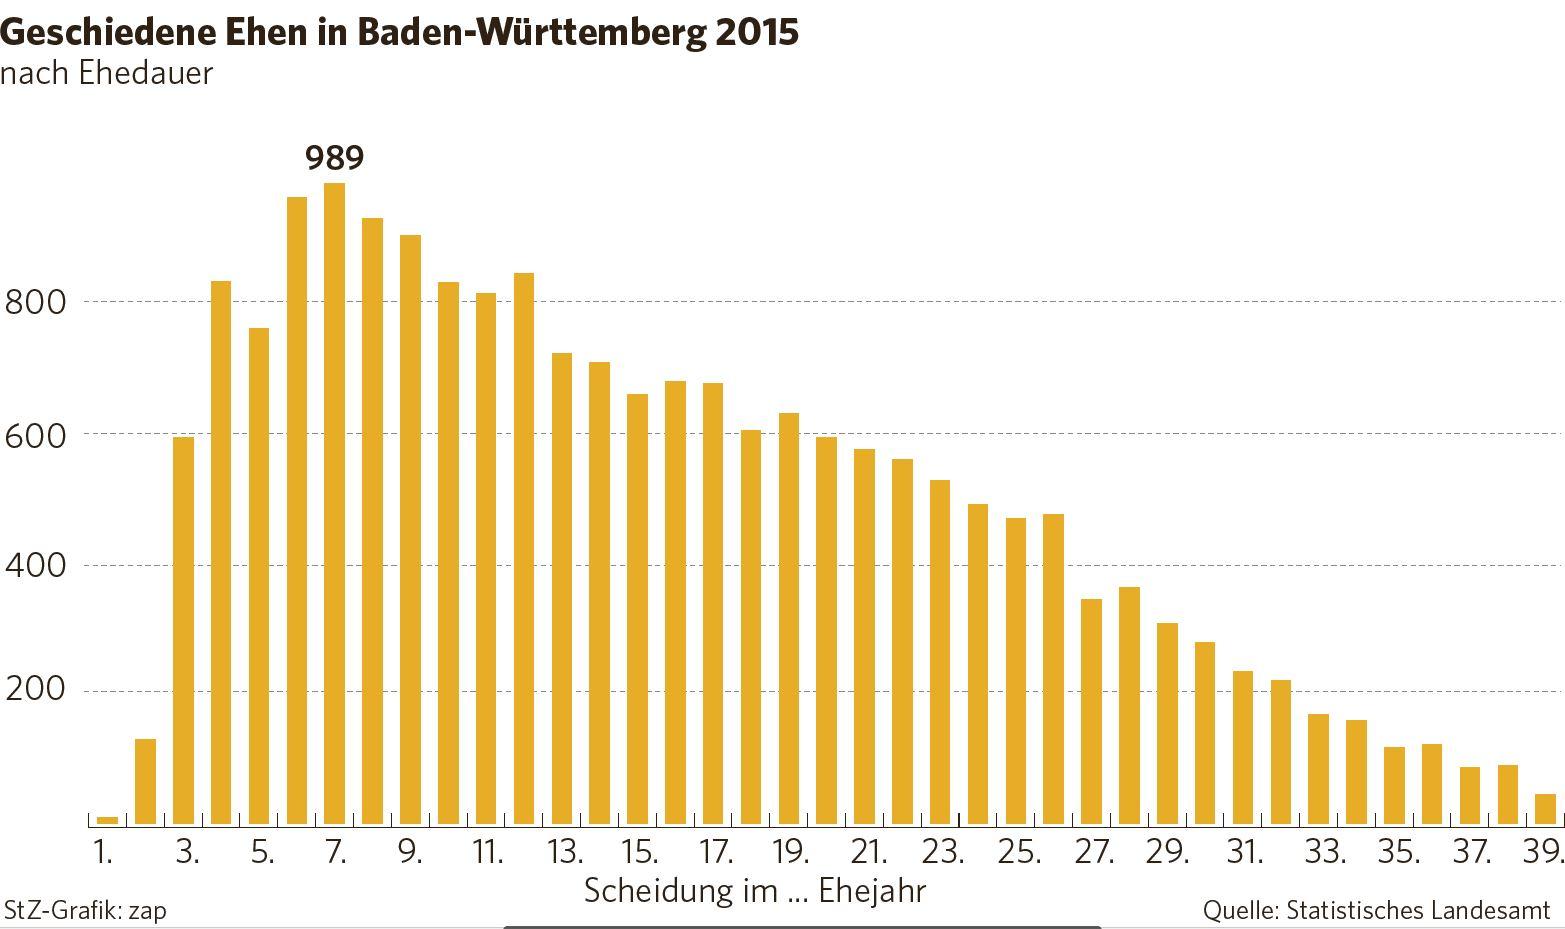 scheidungsstatistik baden-württemberg: träge männer treiben frauen